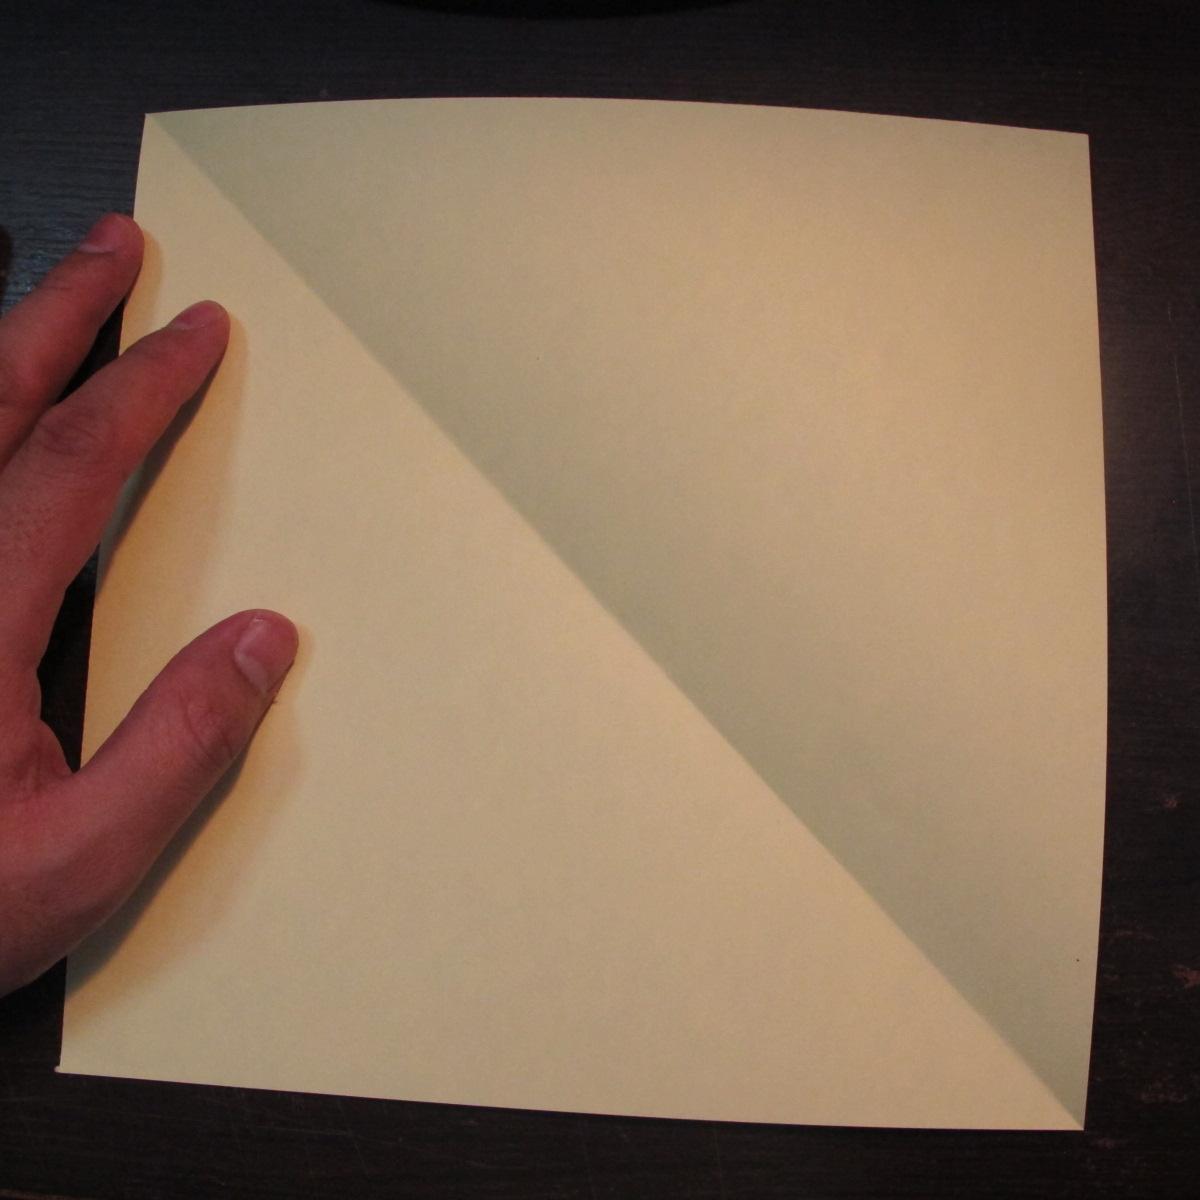 วิธีการพับกระดาษเป็นรูปหงส์ 001